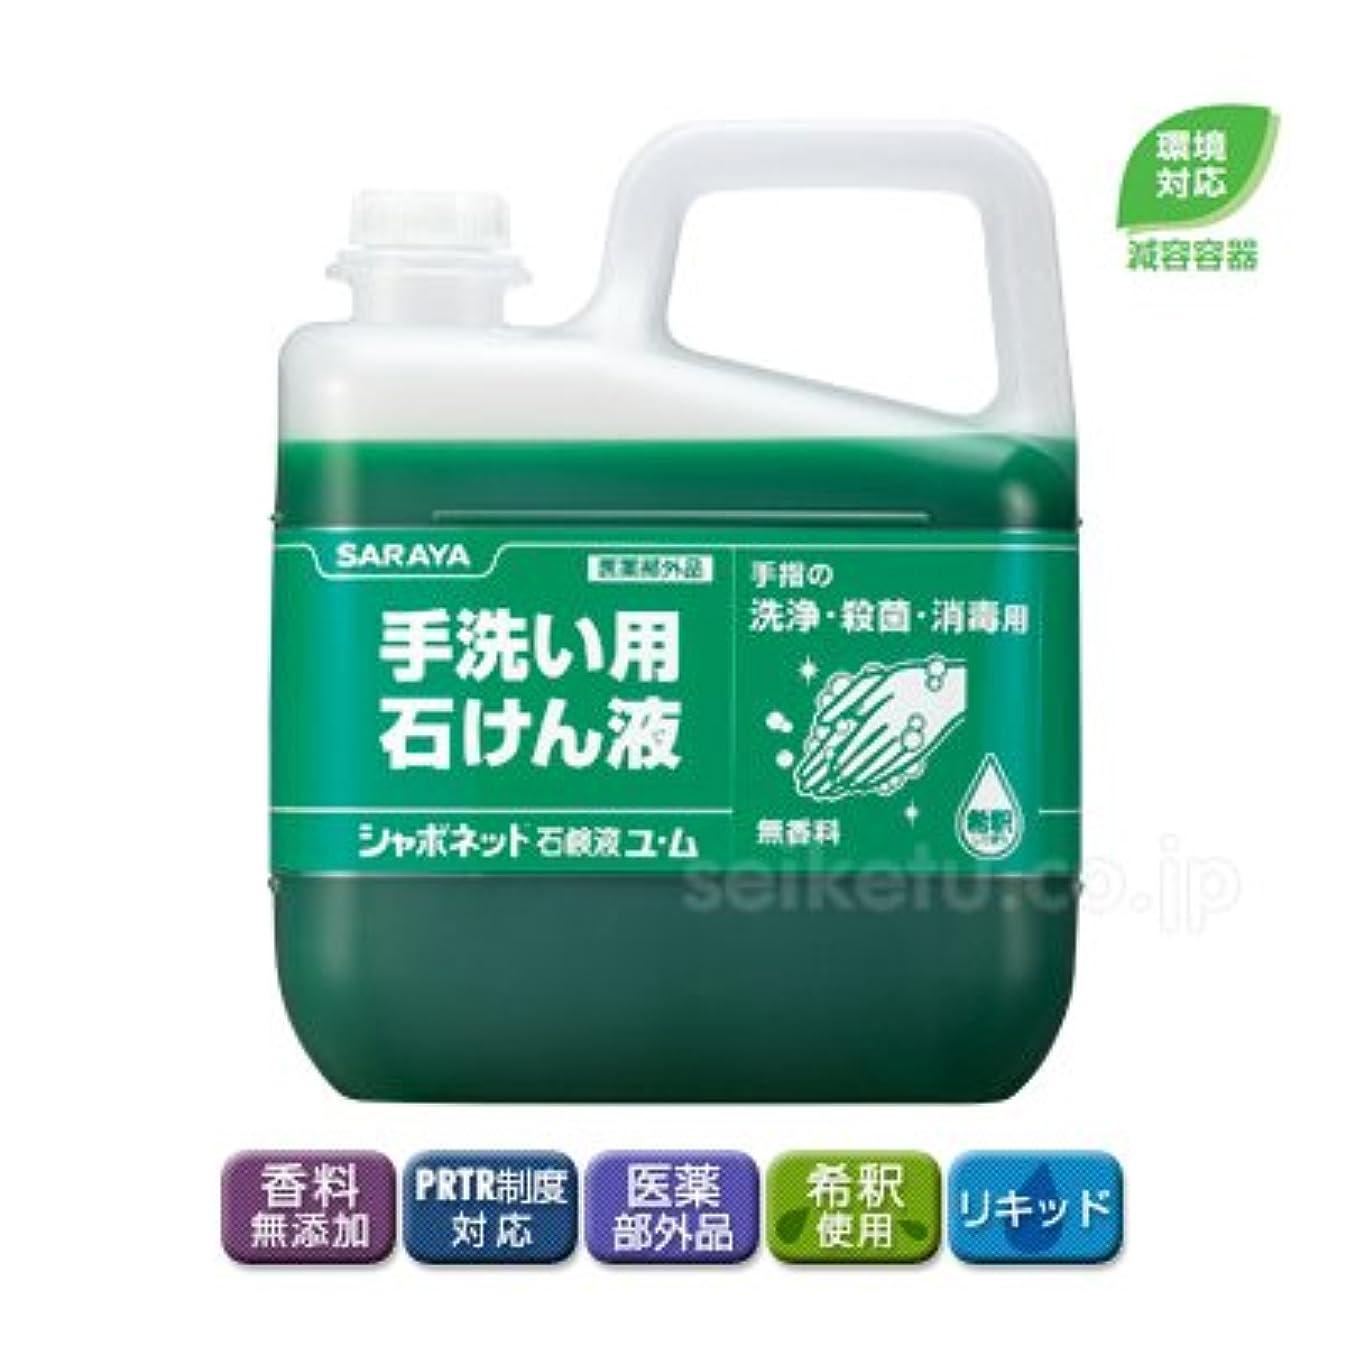 メッシュ透過性植物の【清潔キレイ館】サラヤ シャボネット石鹸液ユ?ム(5kg)